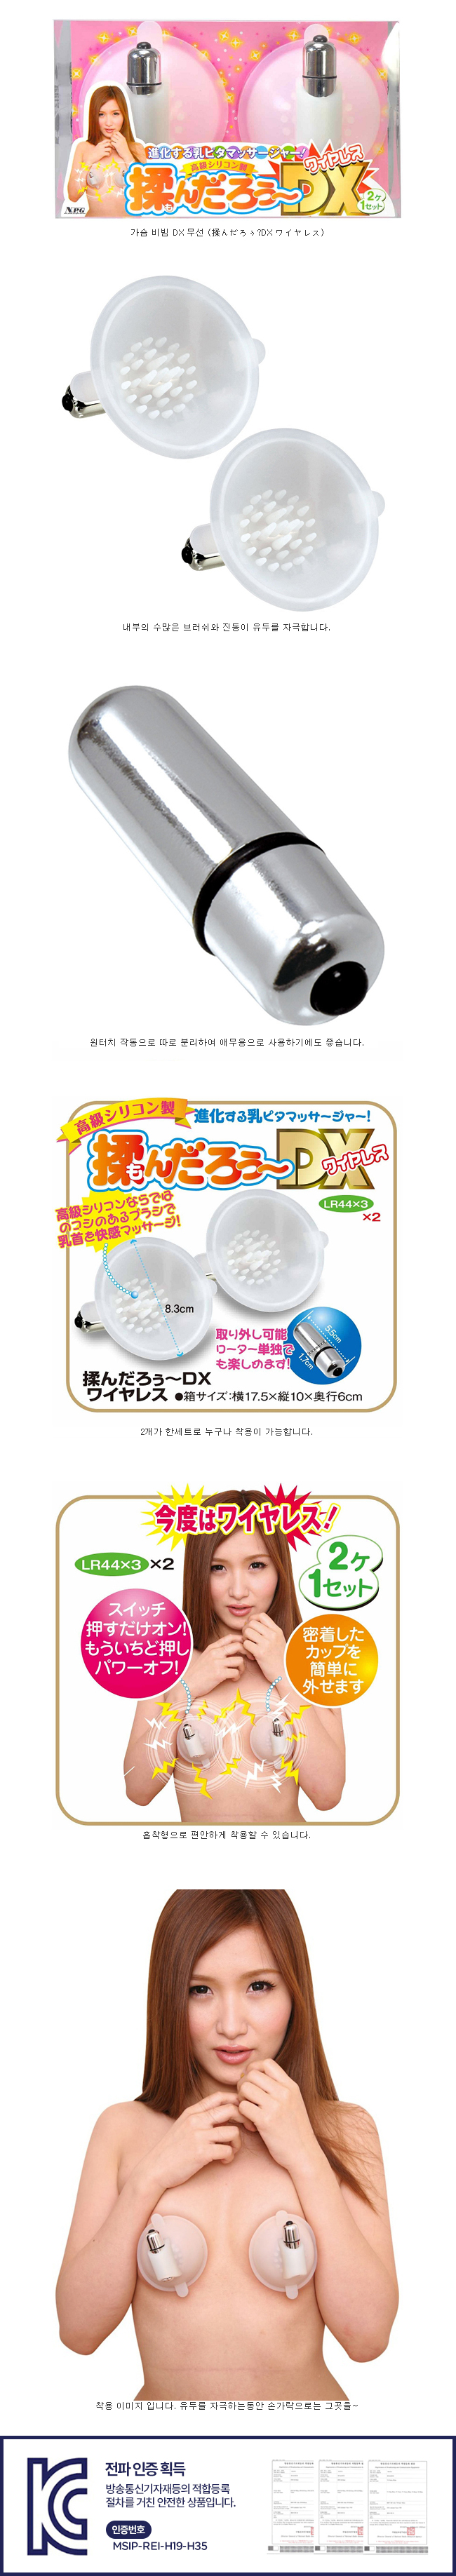 [일본 직수입] 가슴 비빔 DX 무선 (揉んだろぅDX ワイヤレス)